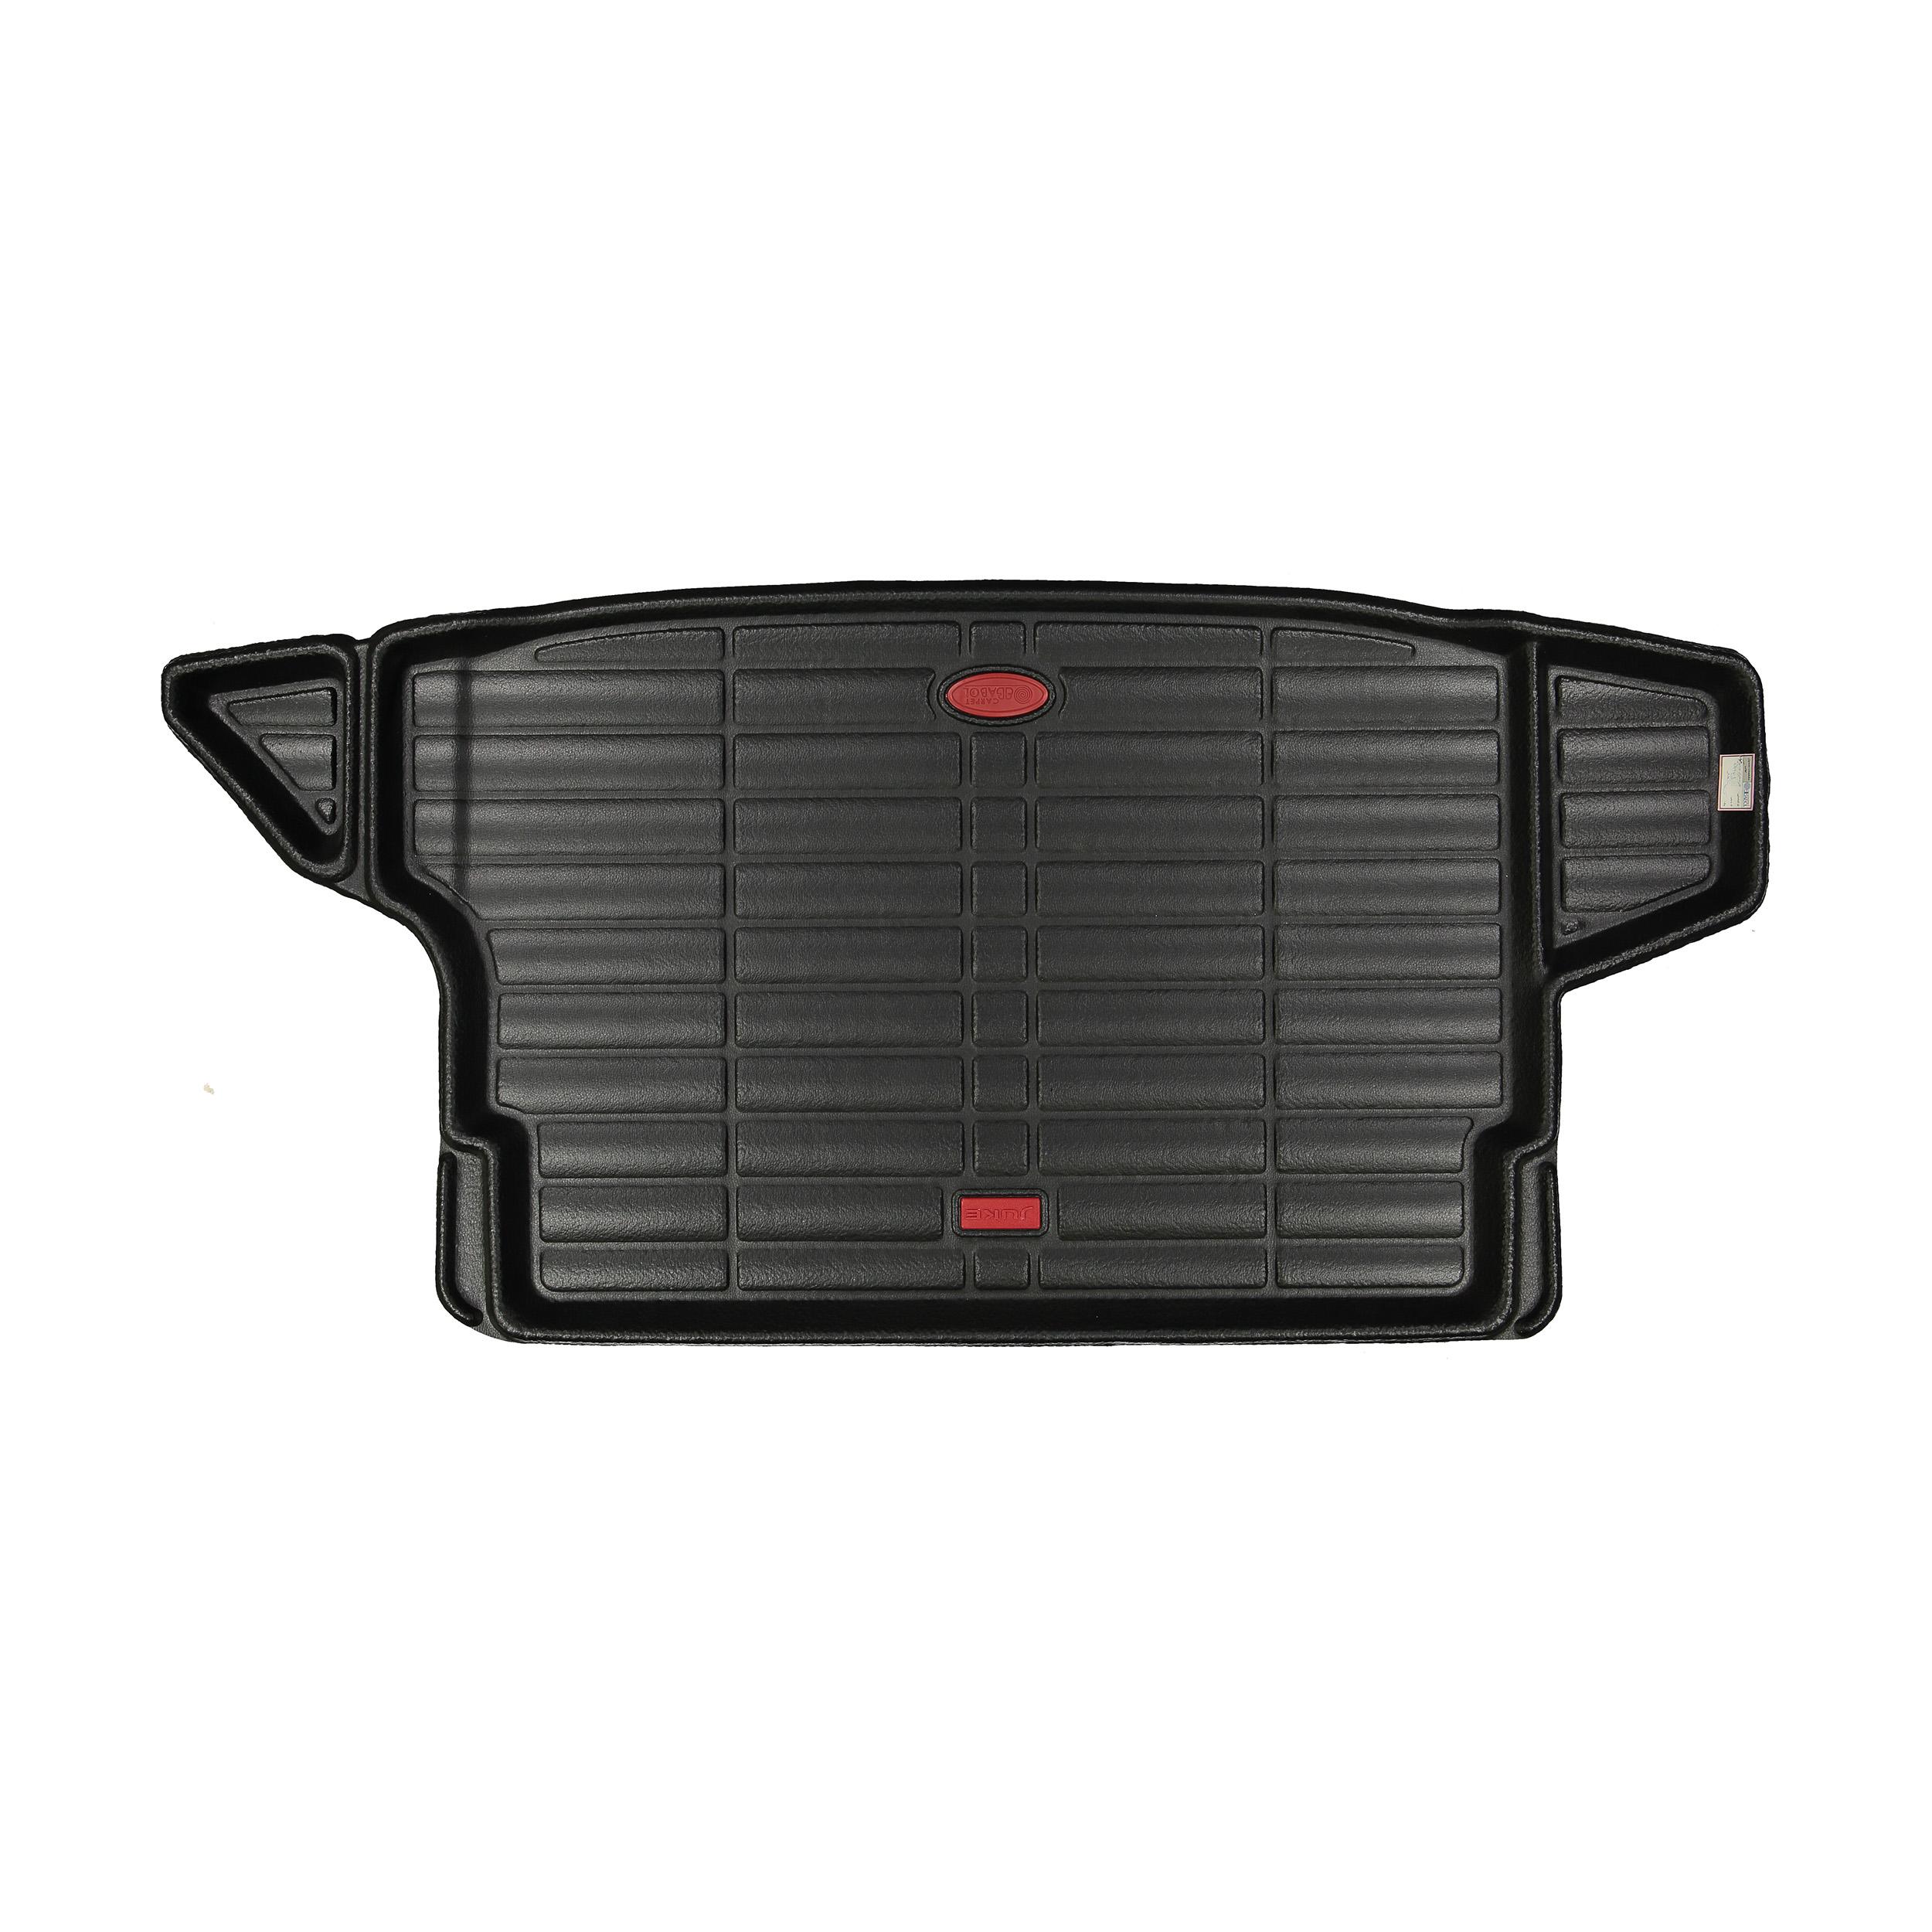 کفپوش سه بعدی صندوق خودرو بابل مدل H49 مناسب برای نیسان جوک